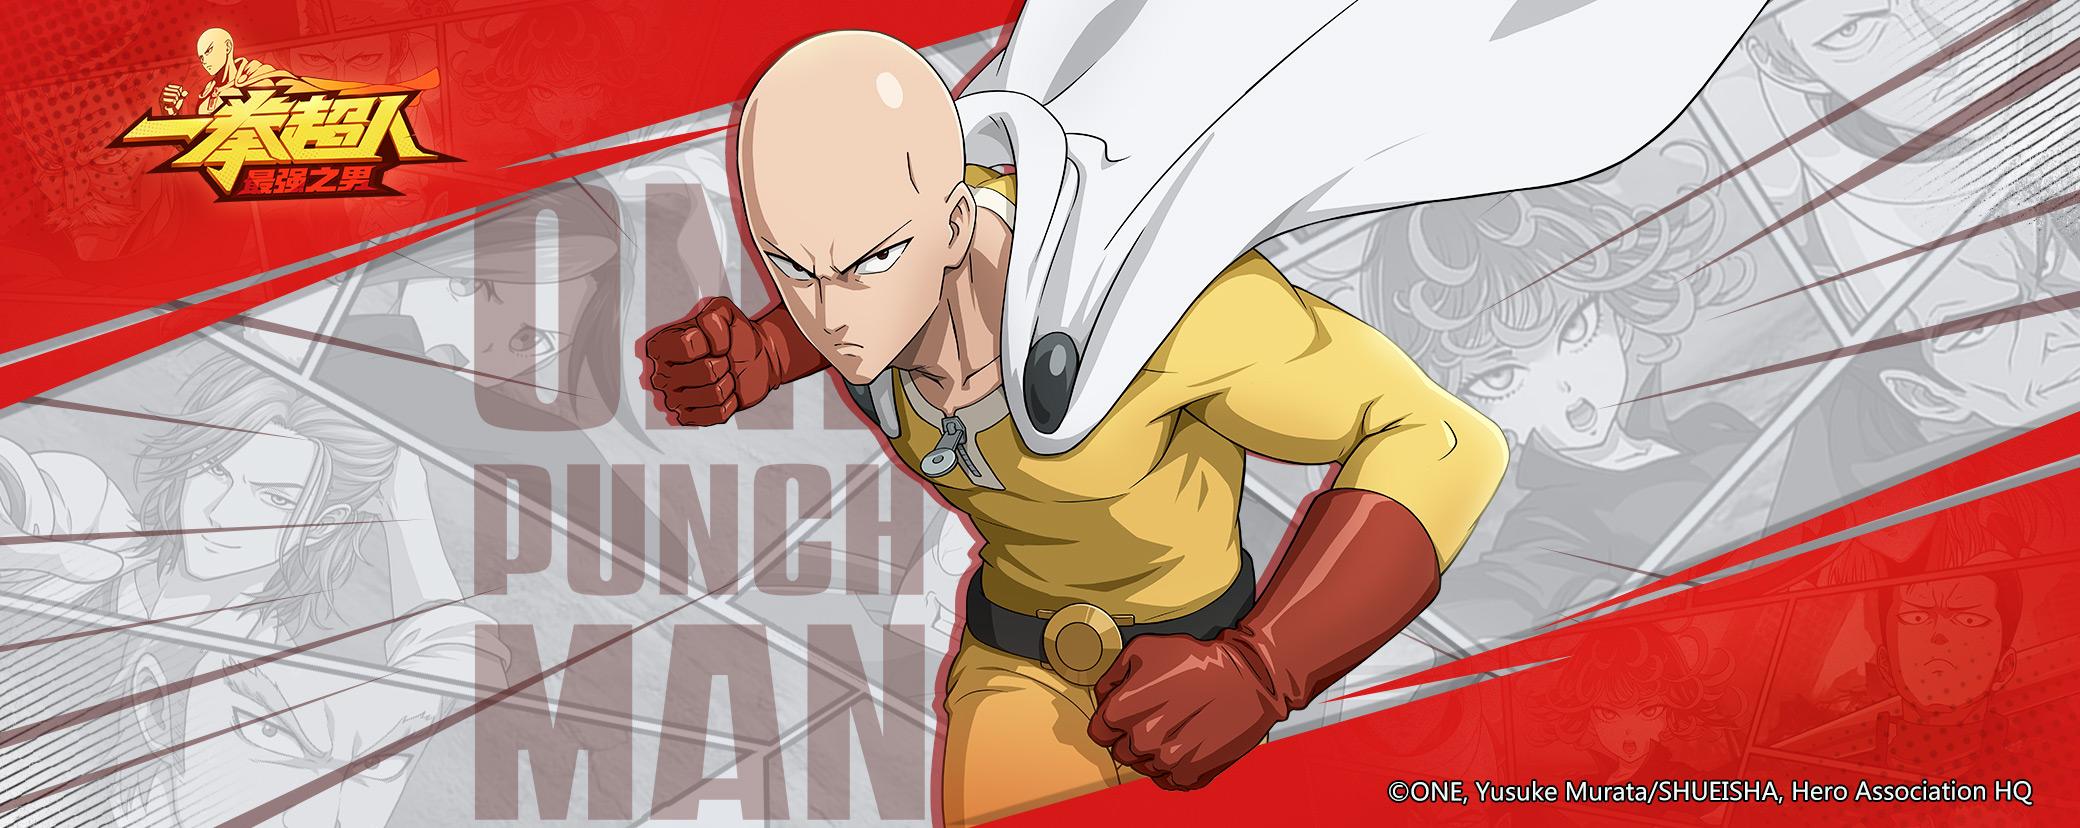 CP24参展决定!《一拳超人:最强之男》邀您端午节相约ComicUP魔都同人祭